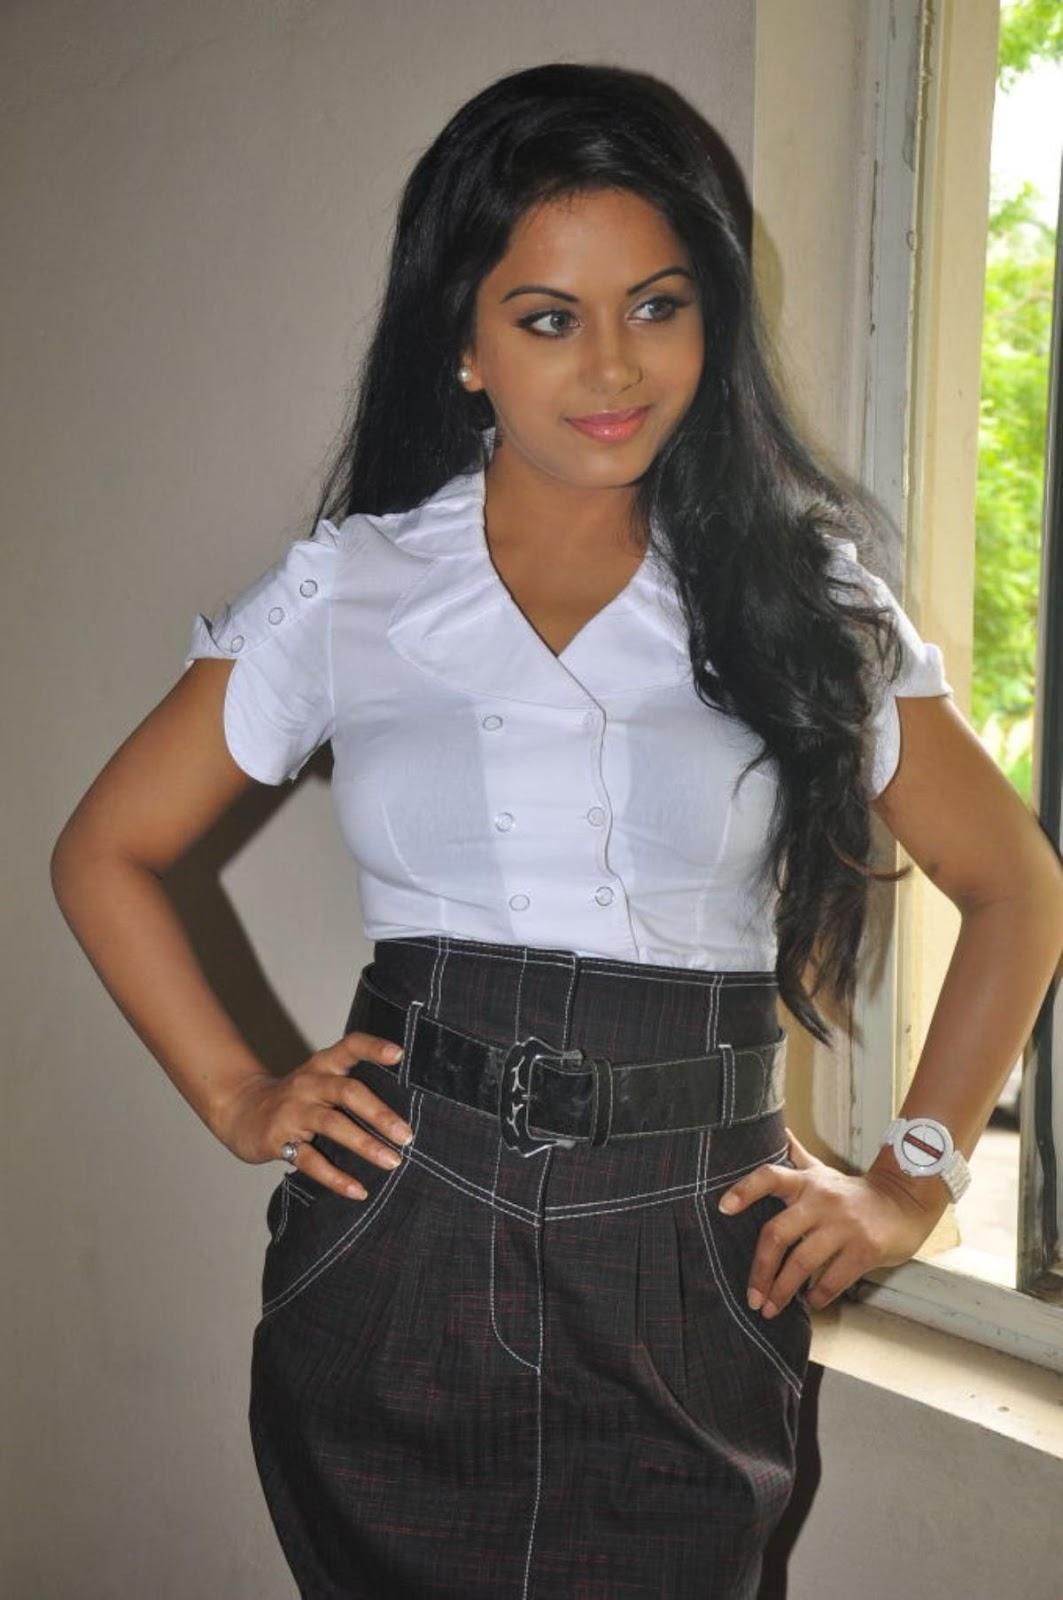 ரக்ஷனா மௌரியா | RACHANA MOURYA Rachan19